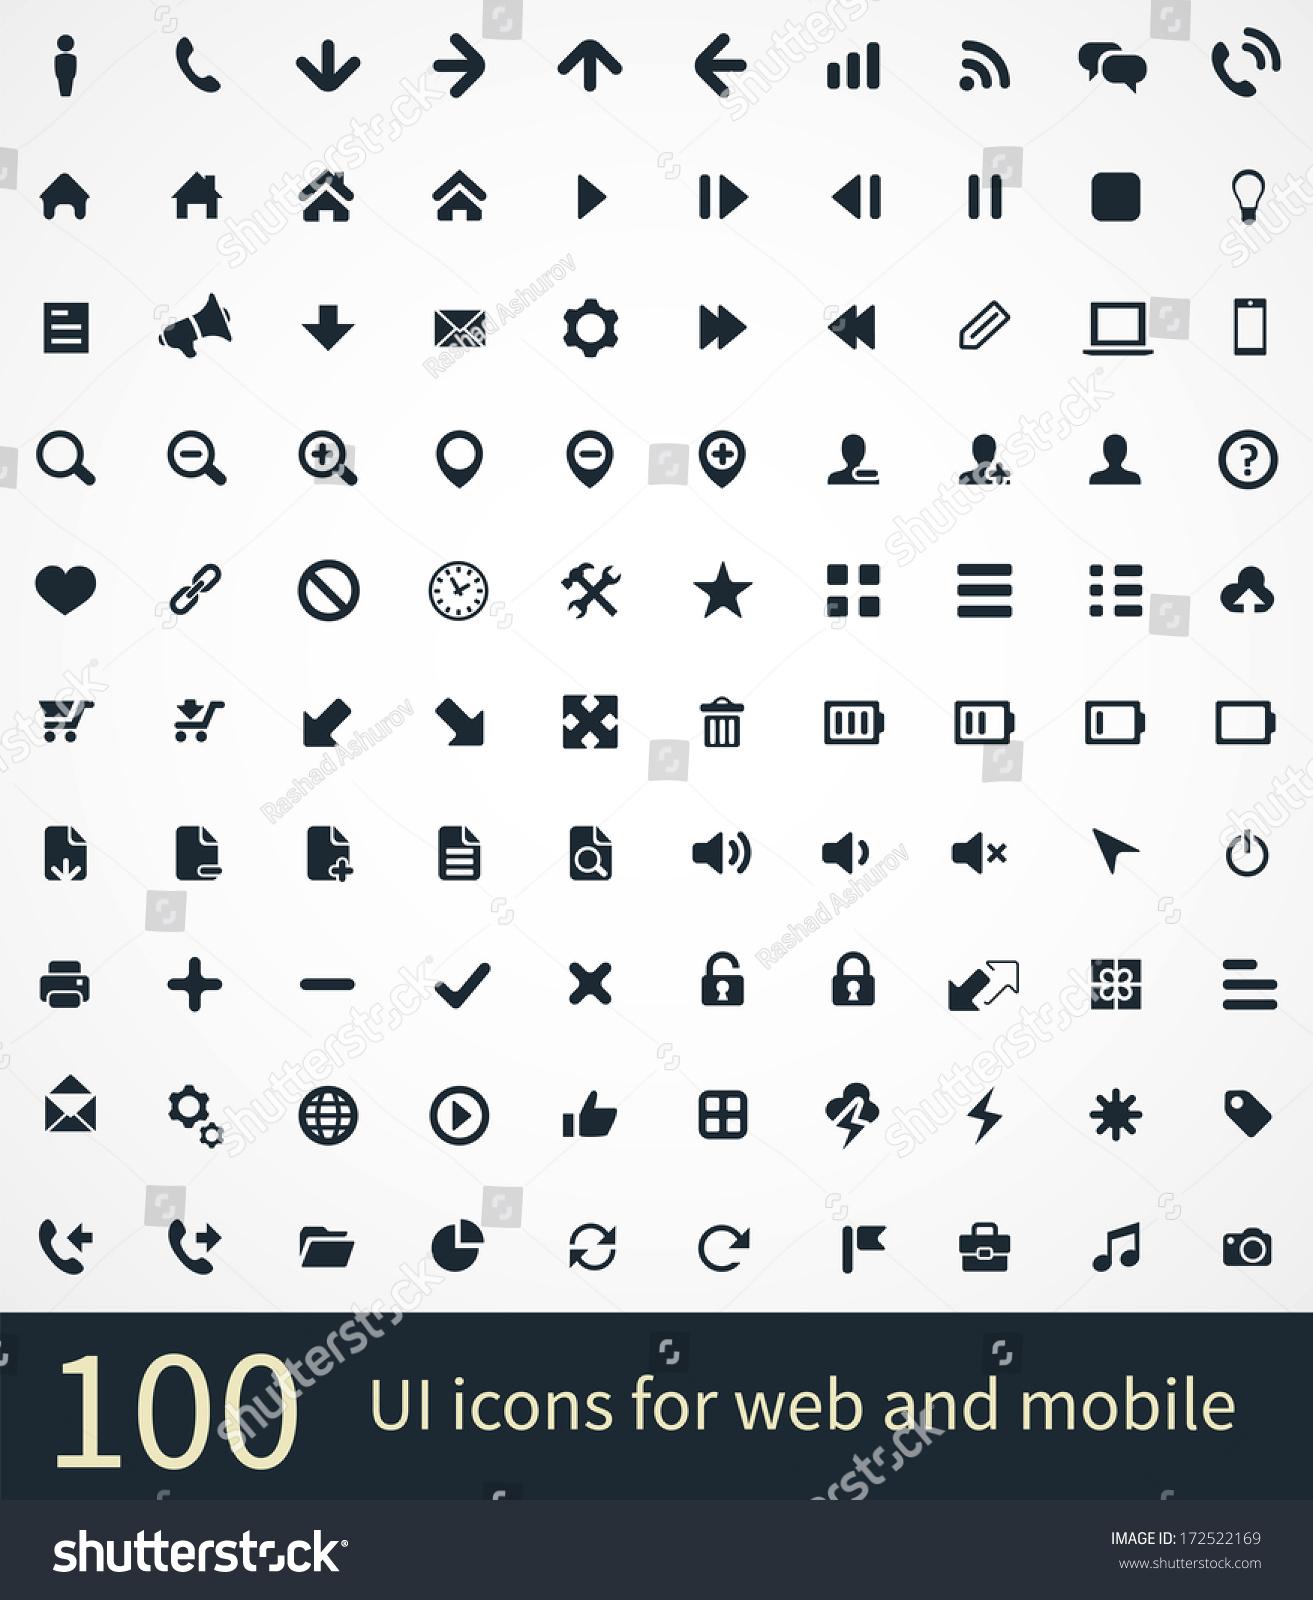 Ui Icons Vector Set Stock Vector 172522169 - Shutterstock